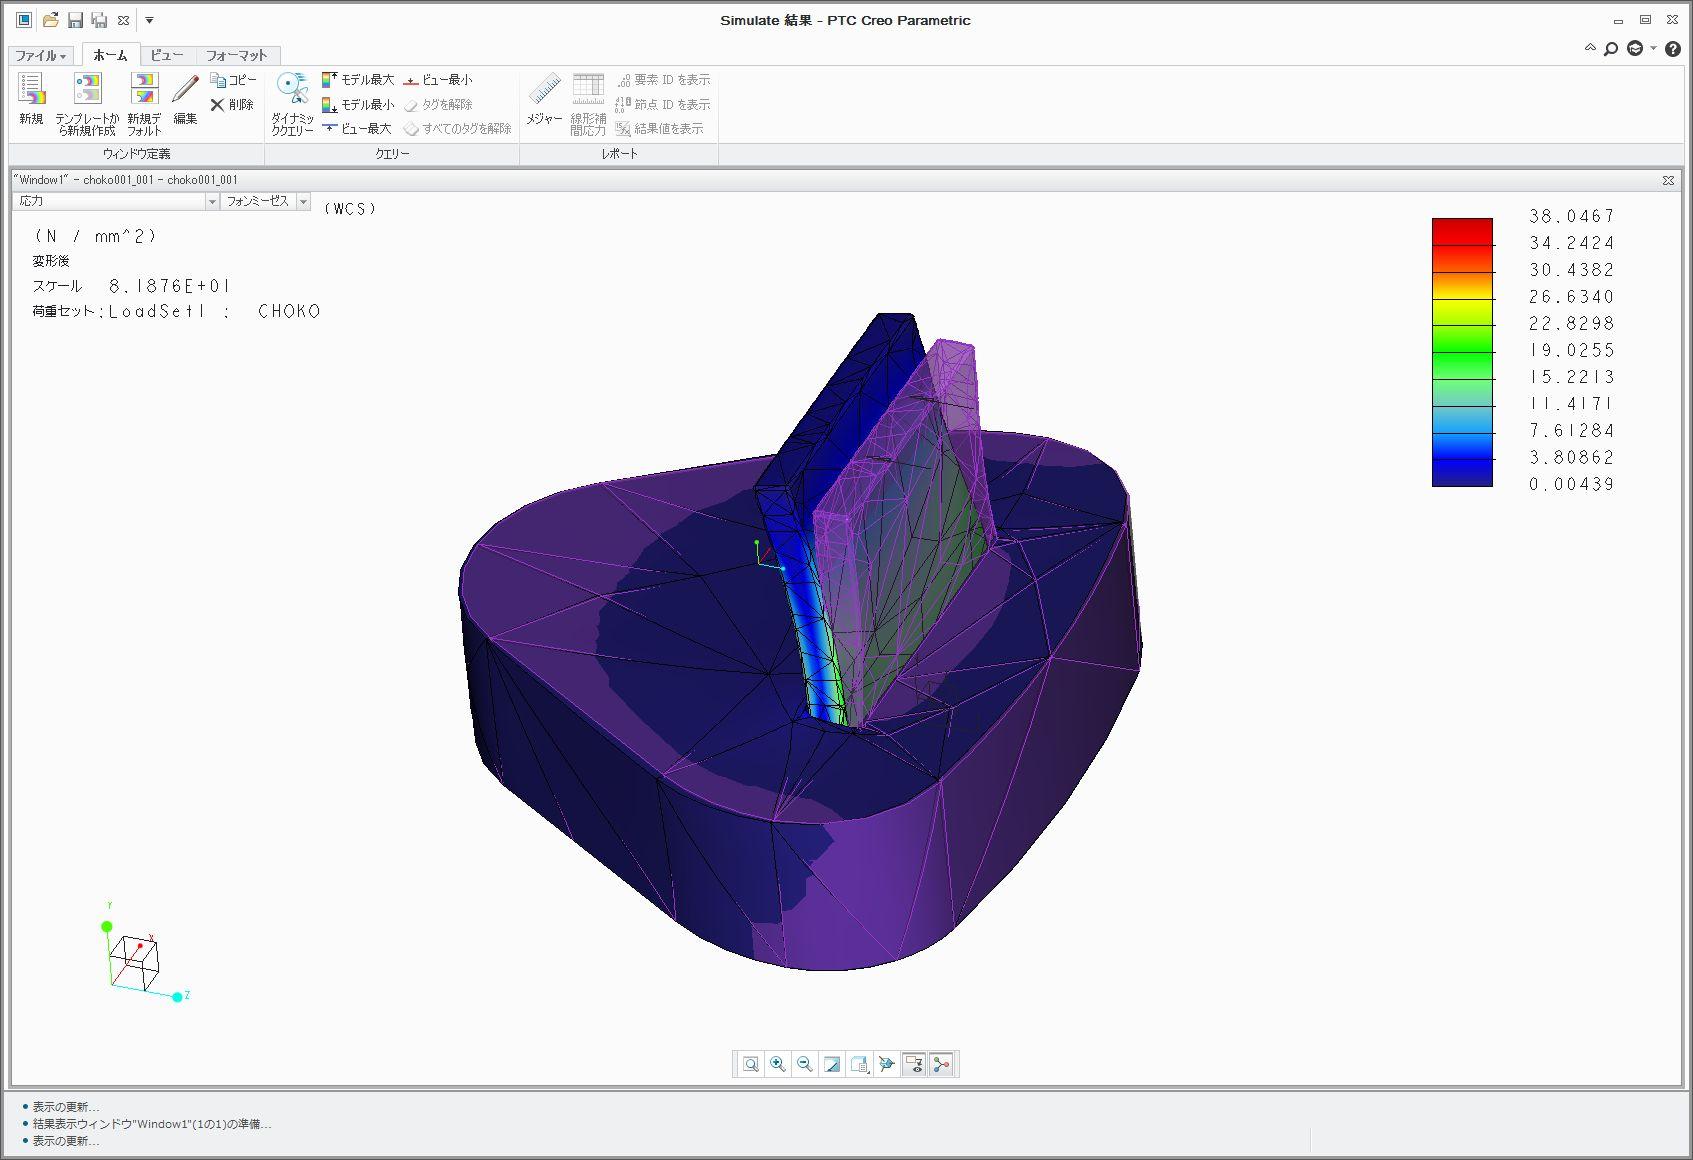 ミズノ株式会社 PTC Creo導入事例 3Dモデリングと解析によるソール(靴底)部分の開発イメージ